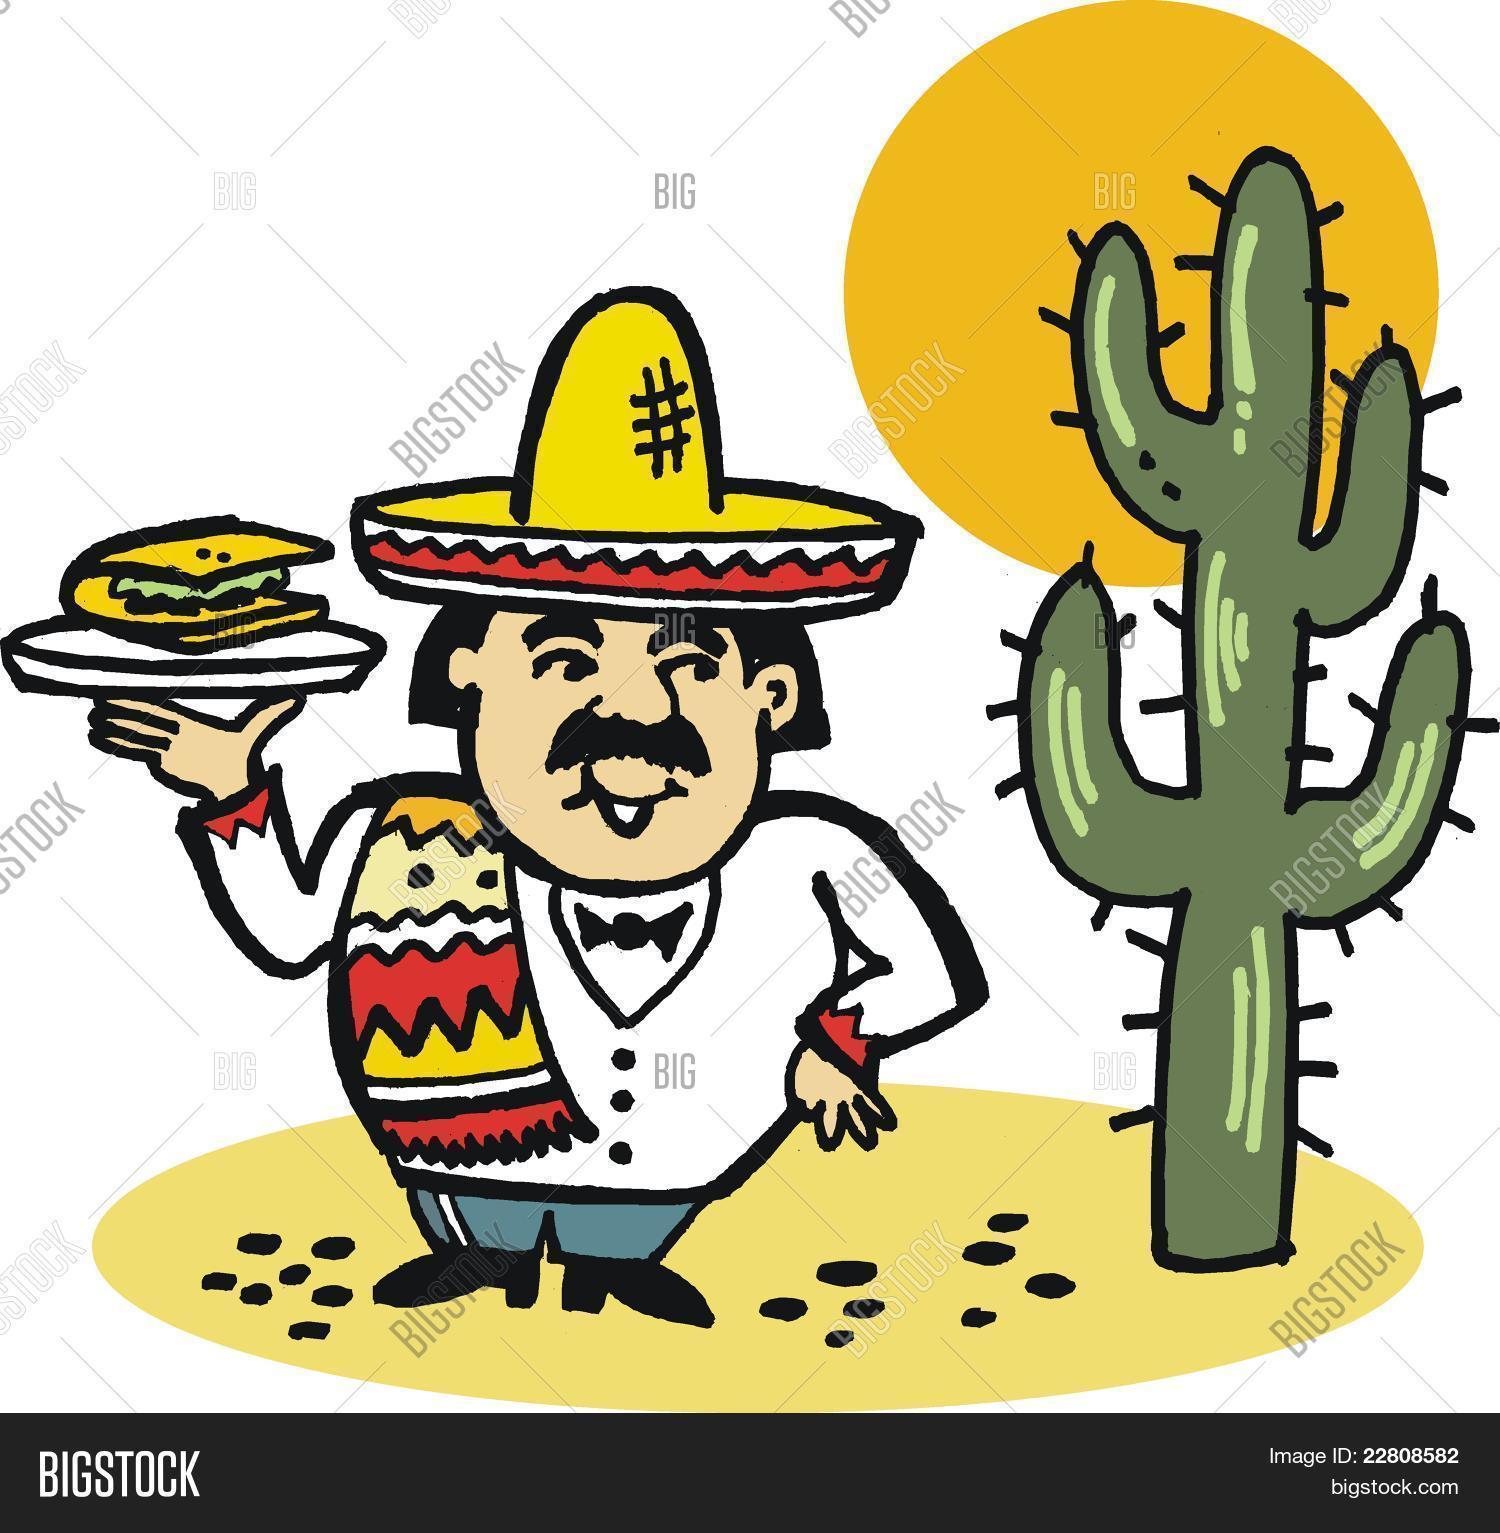 двухмерную смешные картинки про мексиканцев упростить выбор, воспользуйтесь